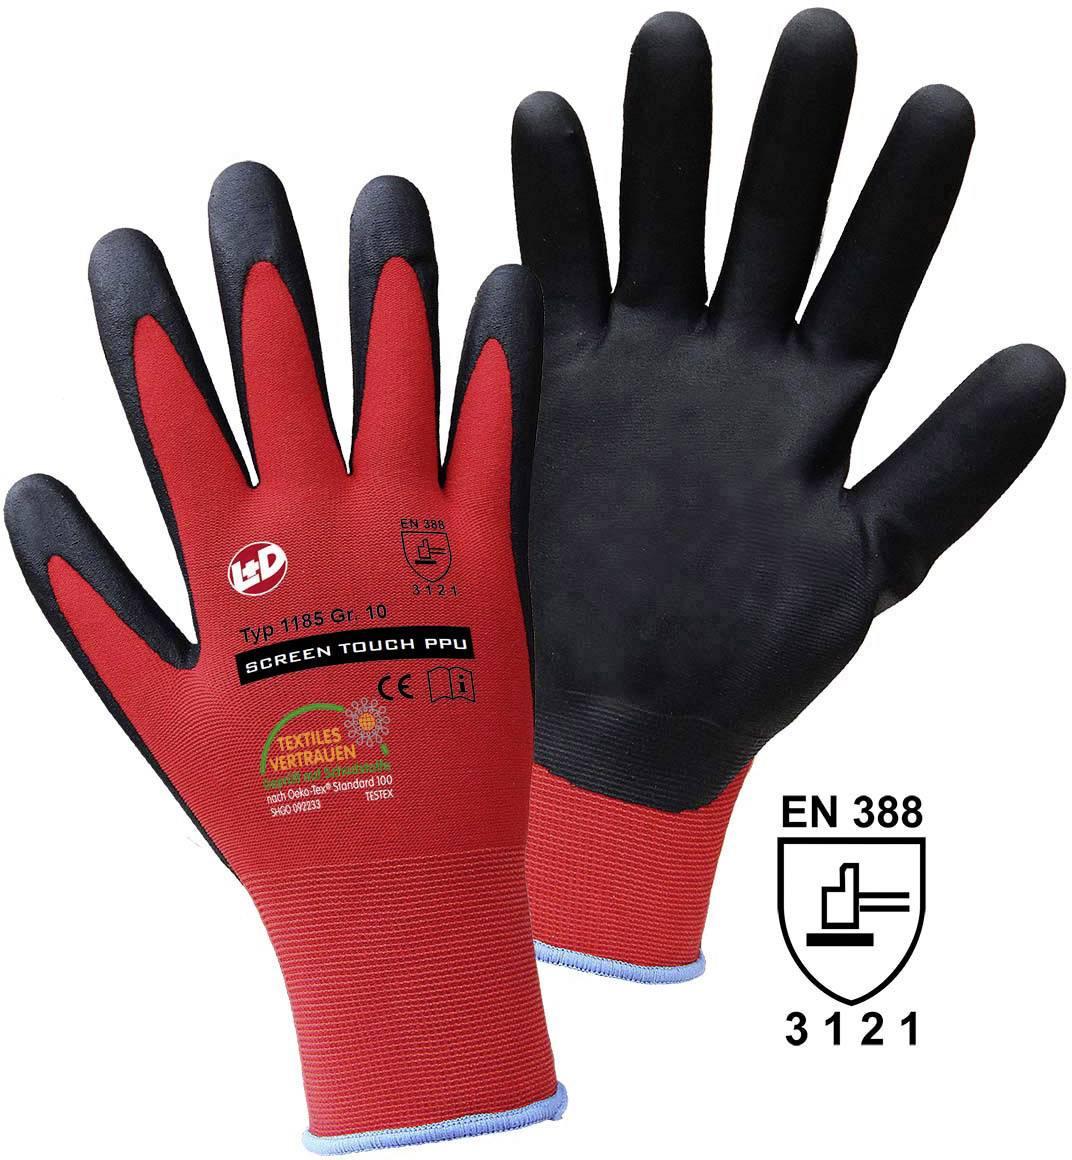 Pracovní rukavice Griffy SCREEN TOUCH PPU 1185, velikost rukavic: 8, M